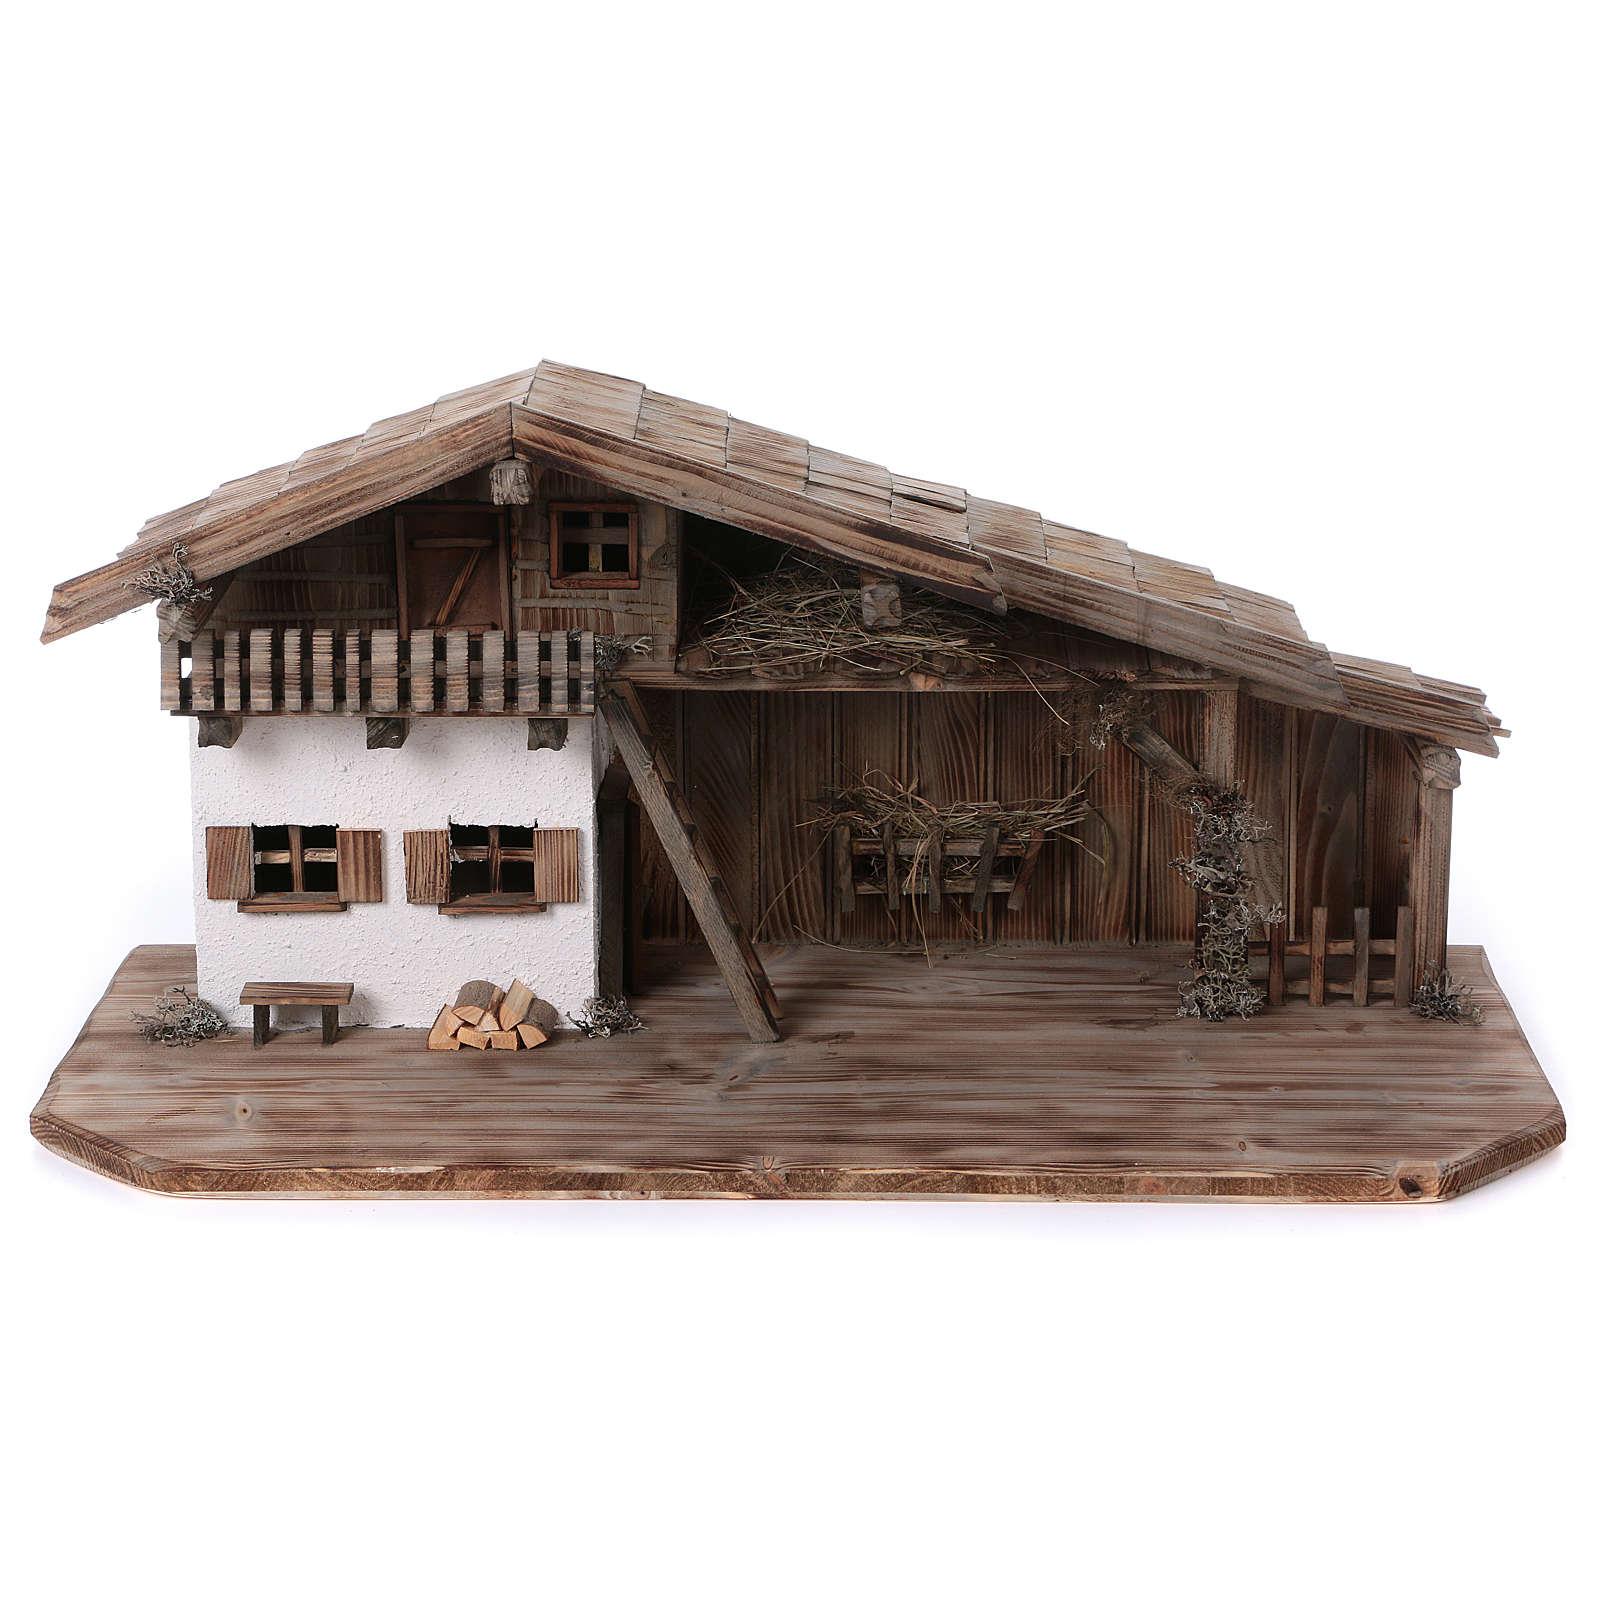 Stalla modello Bogen in legno per presepe 11-15 cm 4